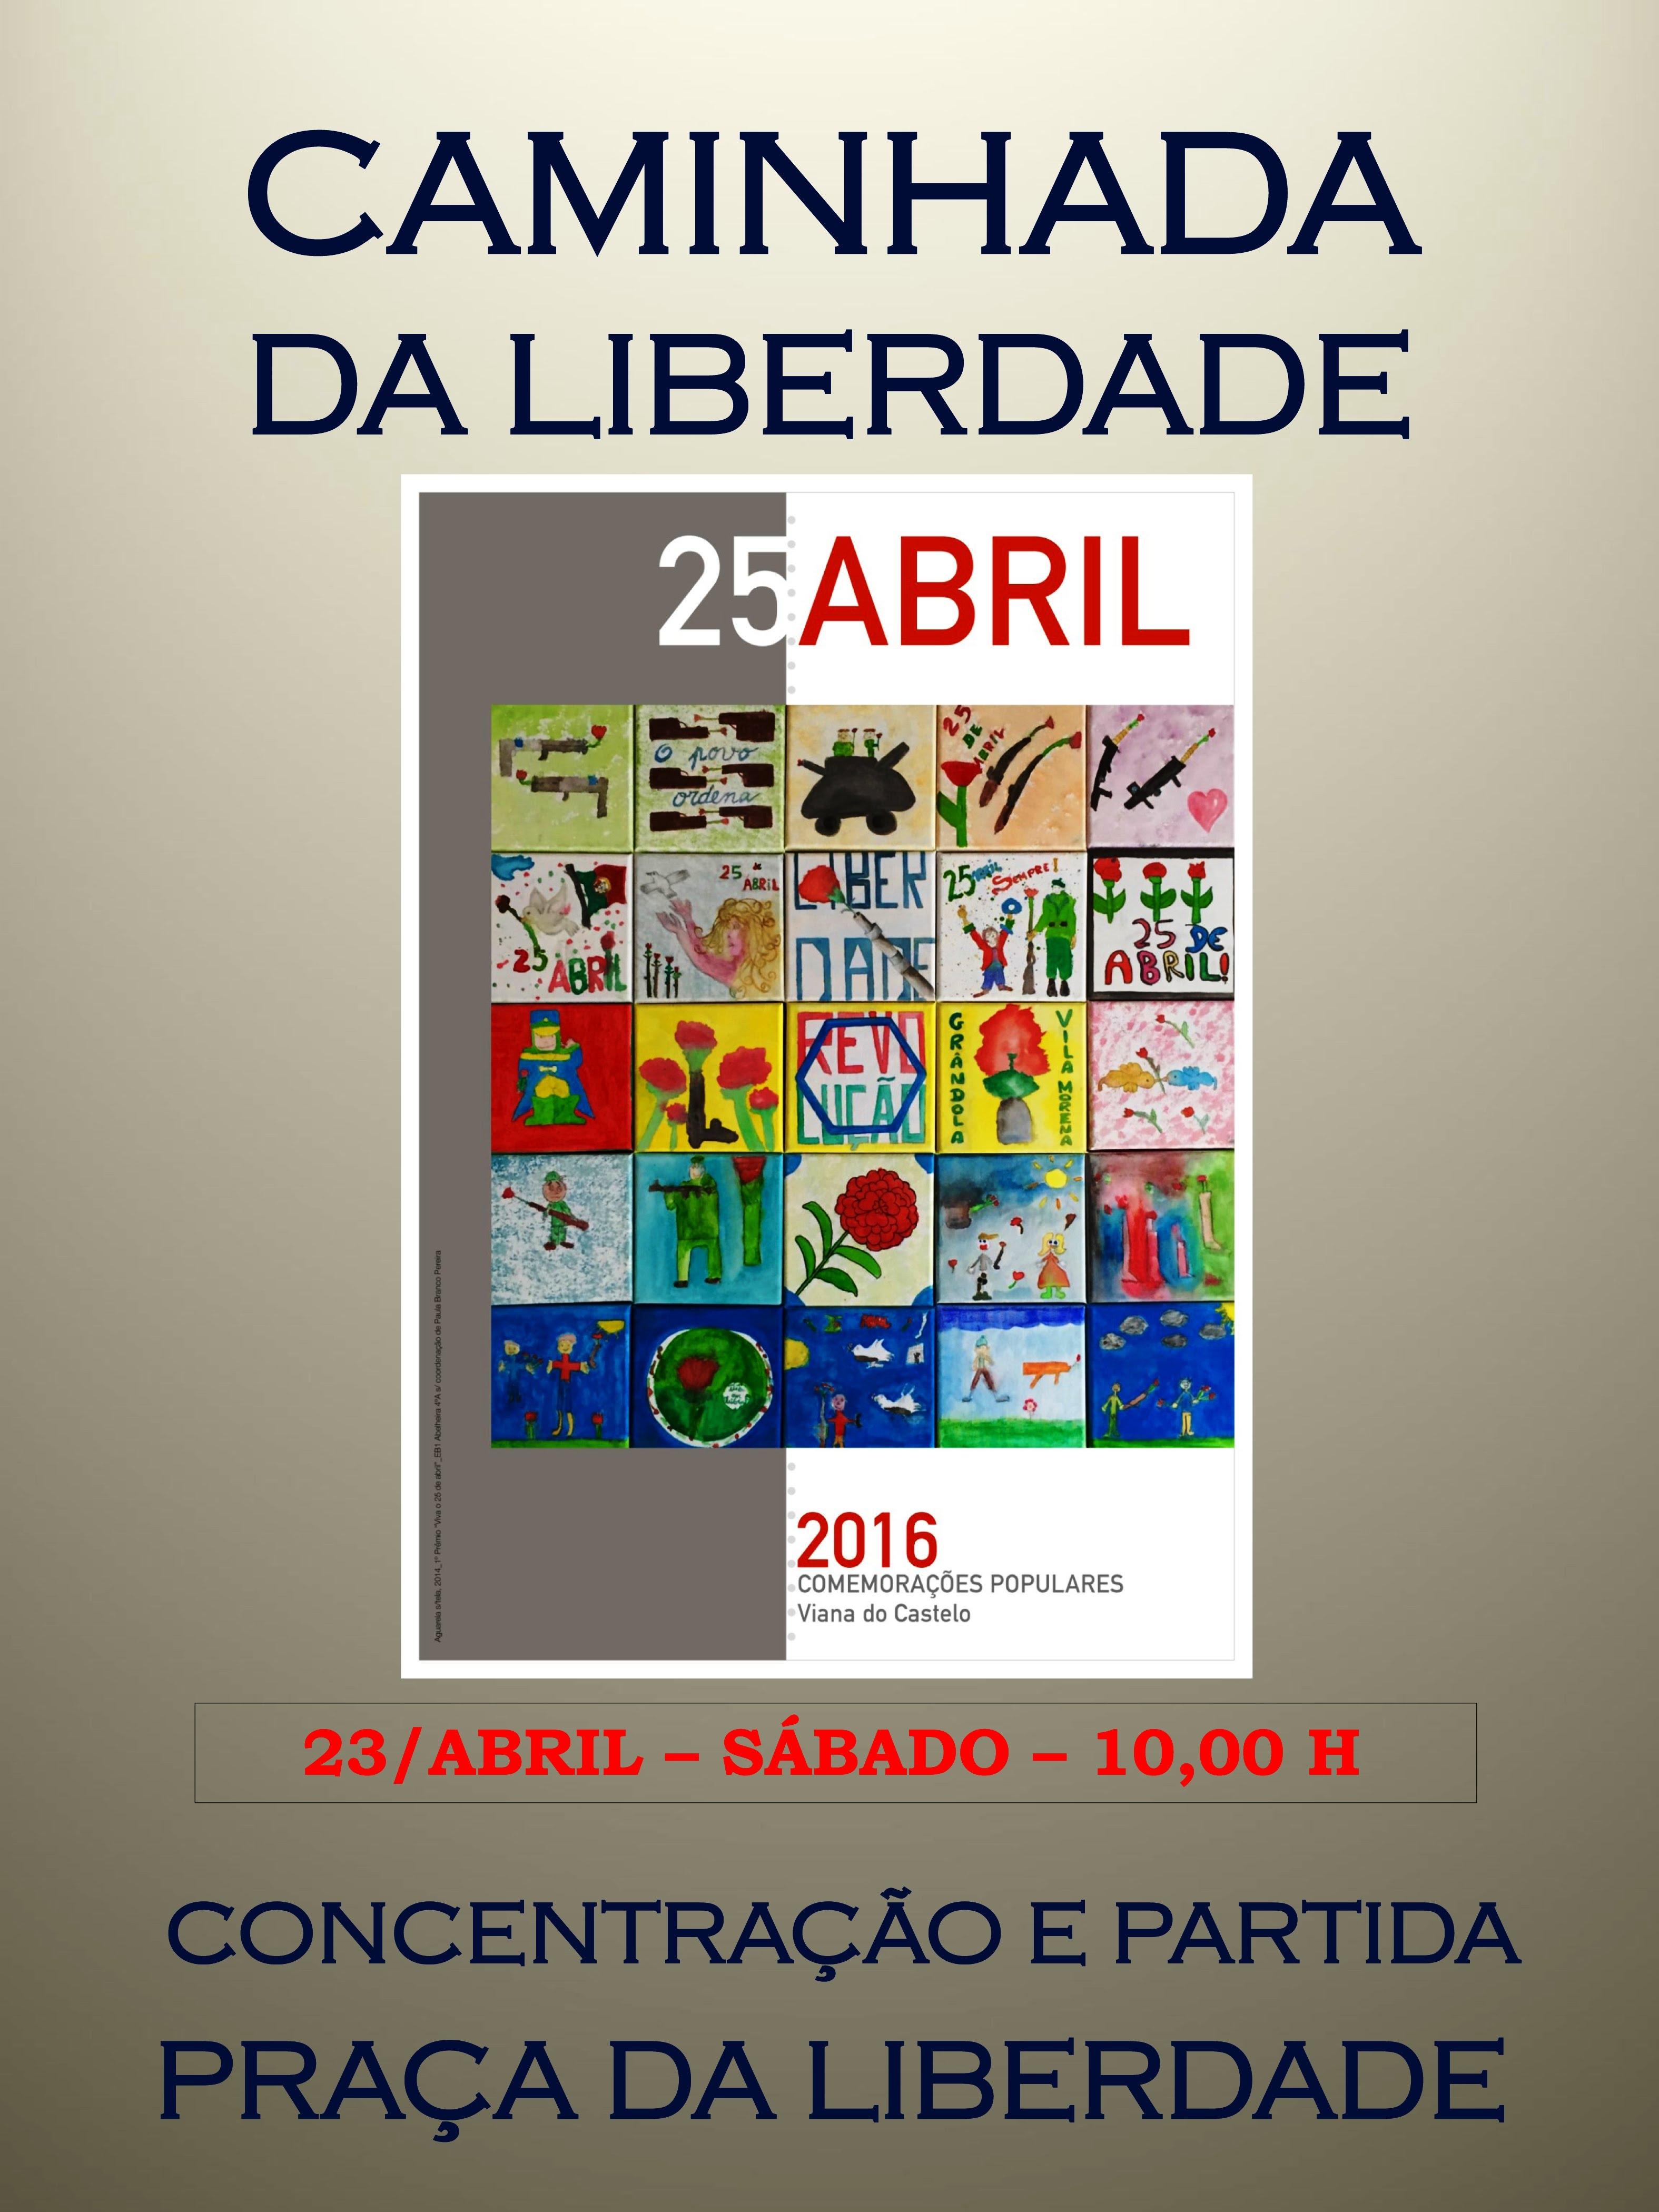 https://sites.google.com/a/centroculturaldoaltominho.org/ccam/actividades-realizadas/2016/realizacoes-actividades/_draft_post/Cartaz_Caminhada_Liberdade.jpg